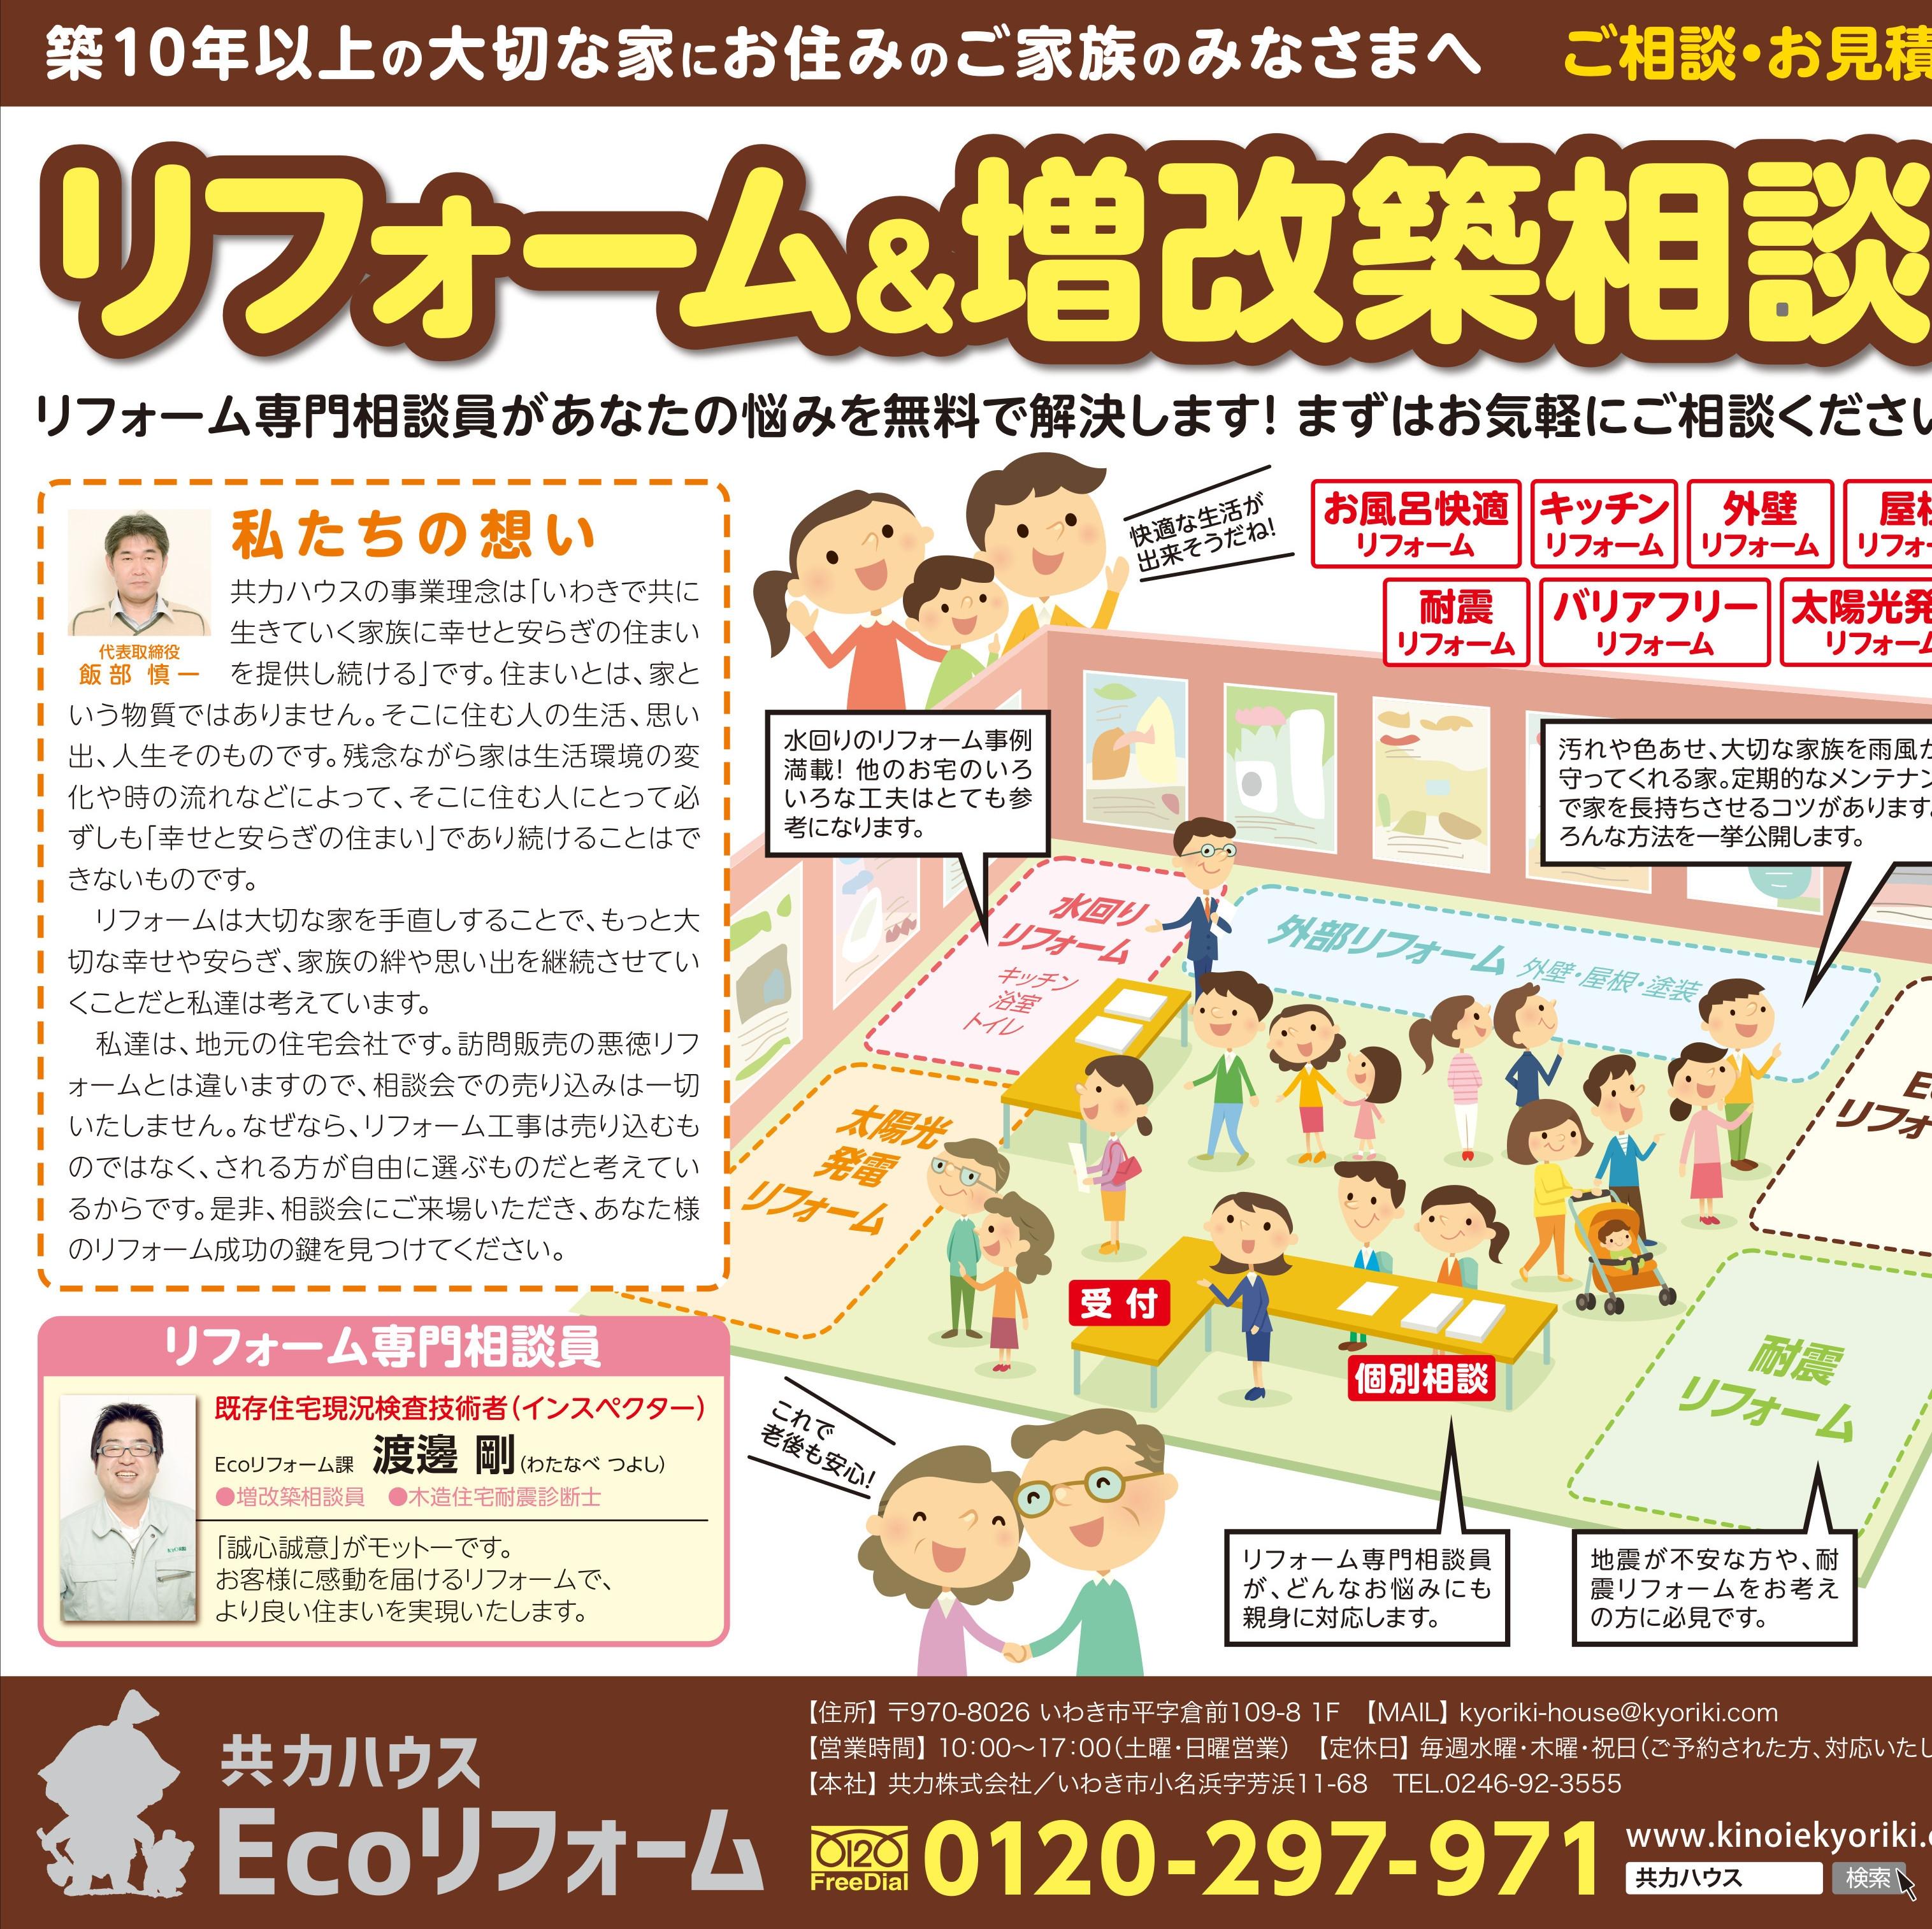 【7/28(土)29(日)】リフォーム&増改築相談会開催!!